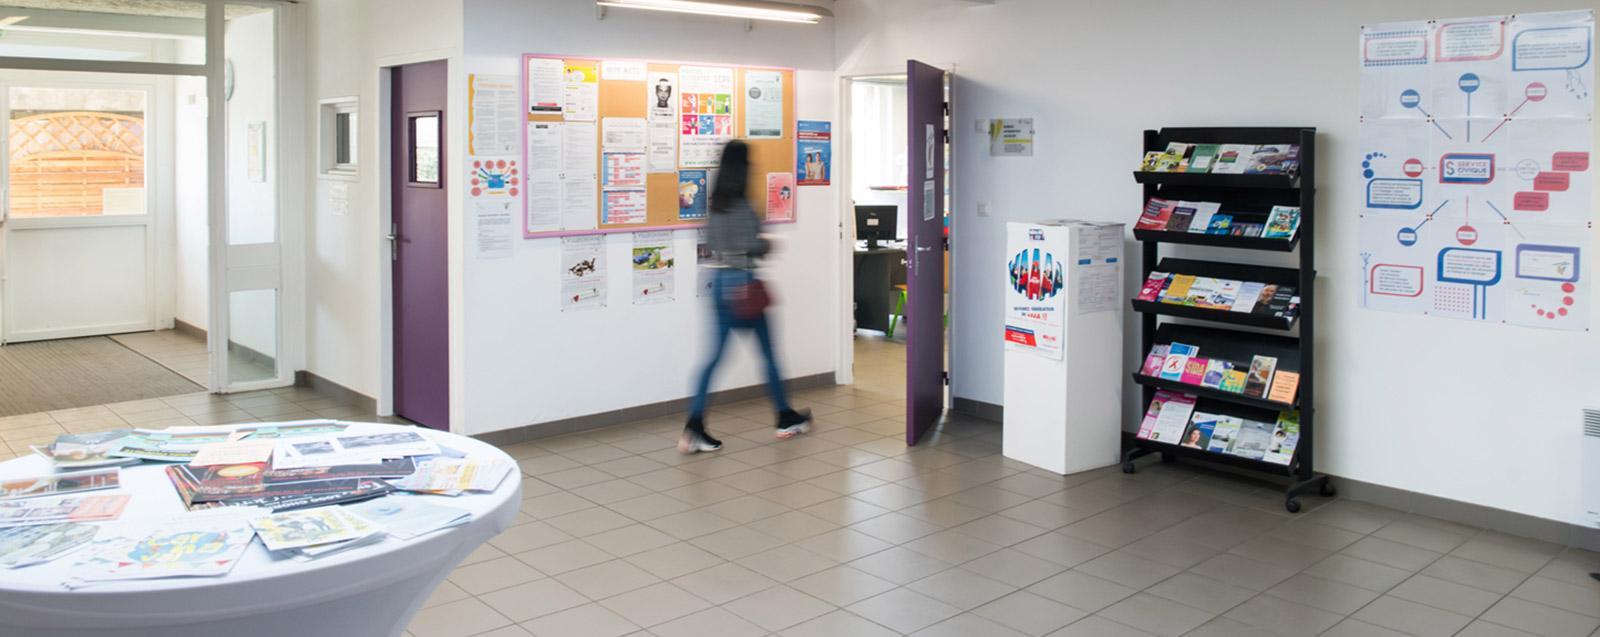 Bureau d'information jeunesse de Villefontaine